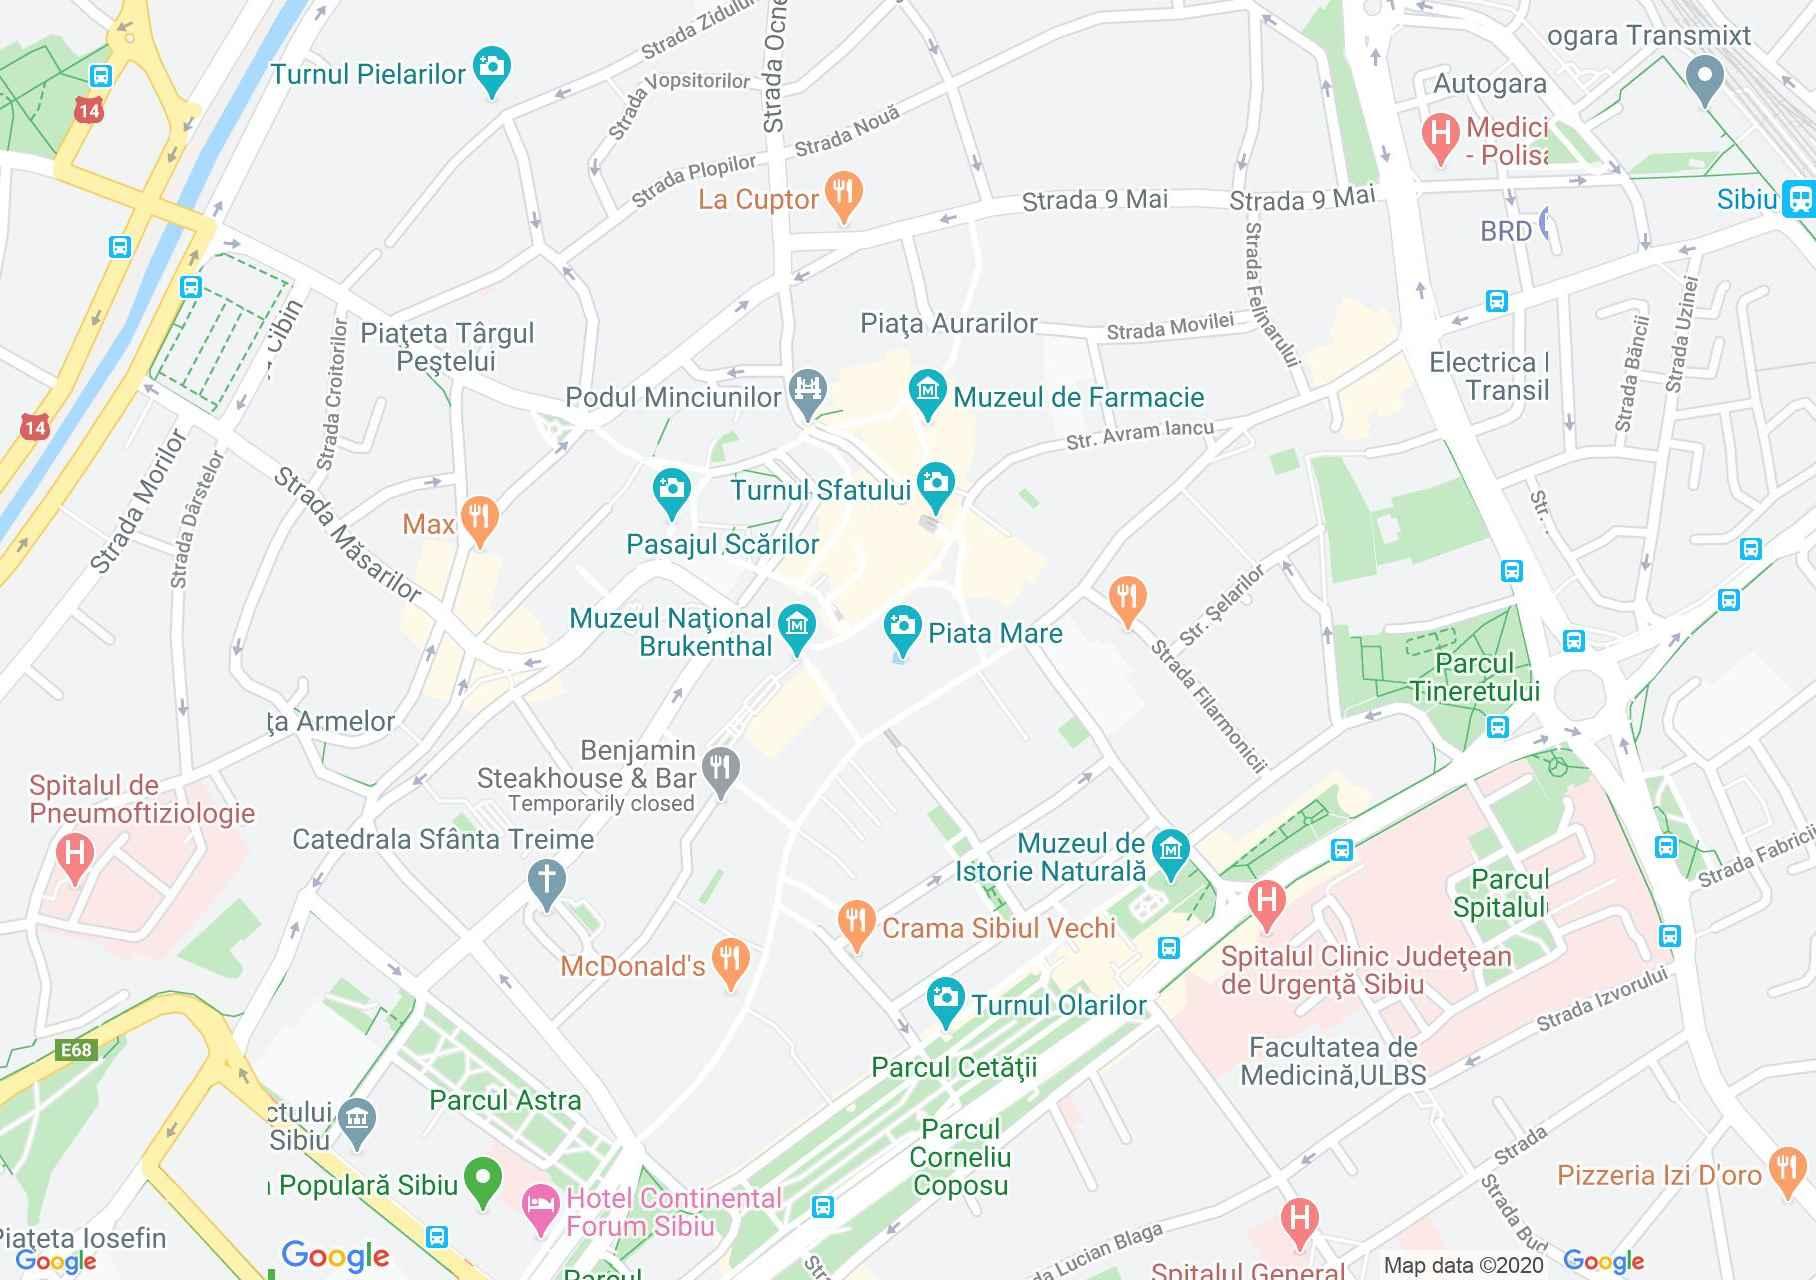 Szeben központja interaktív turista térképe.